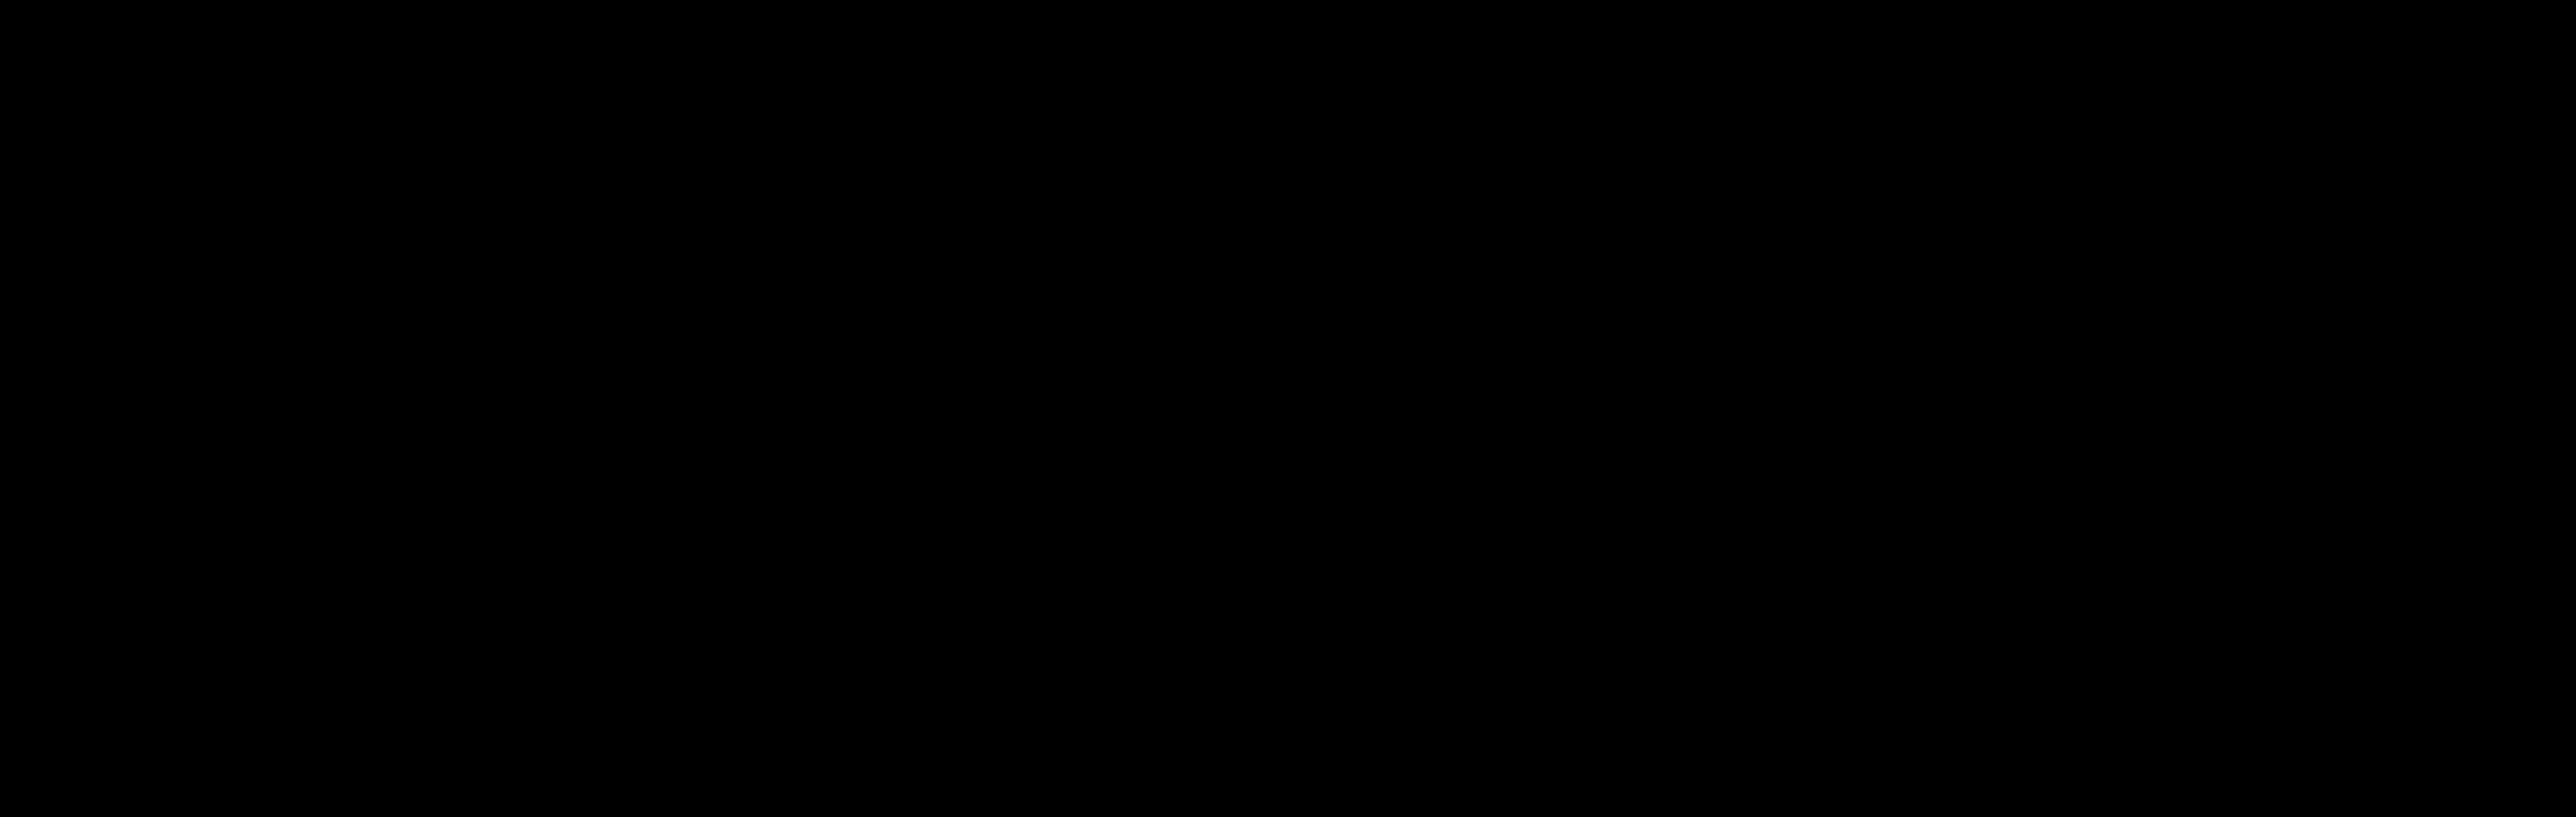 Loge Sisley in PNG